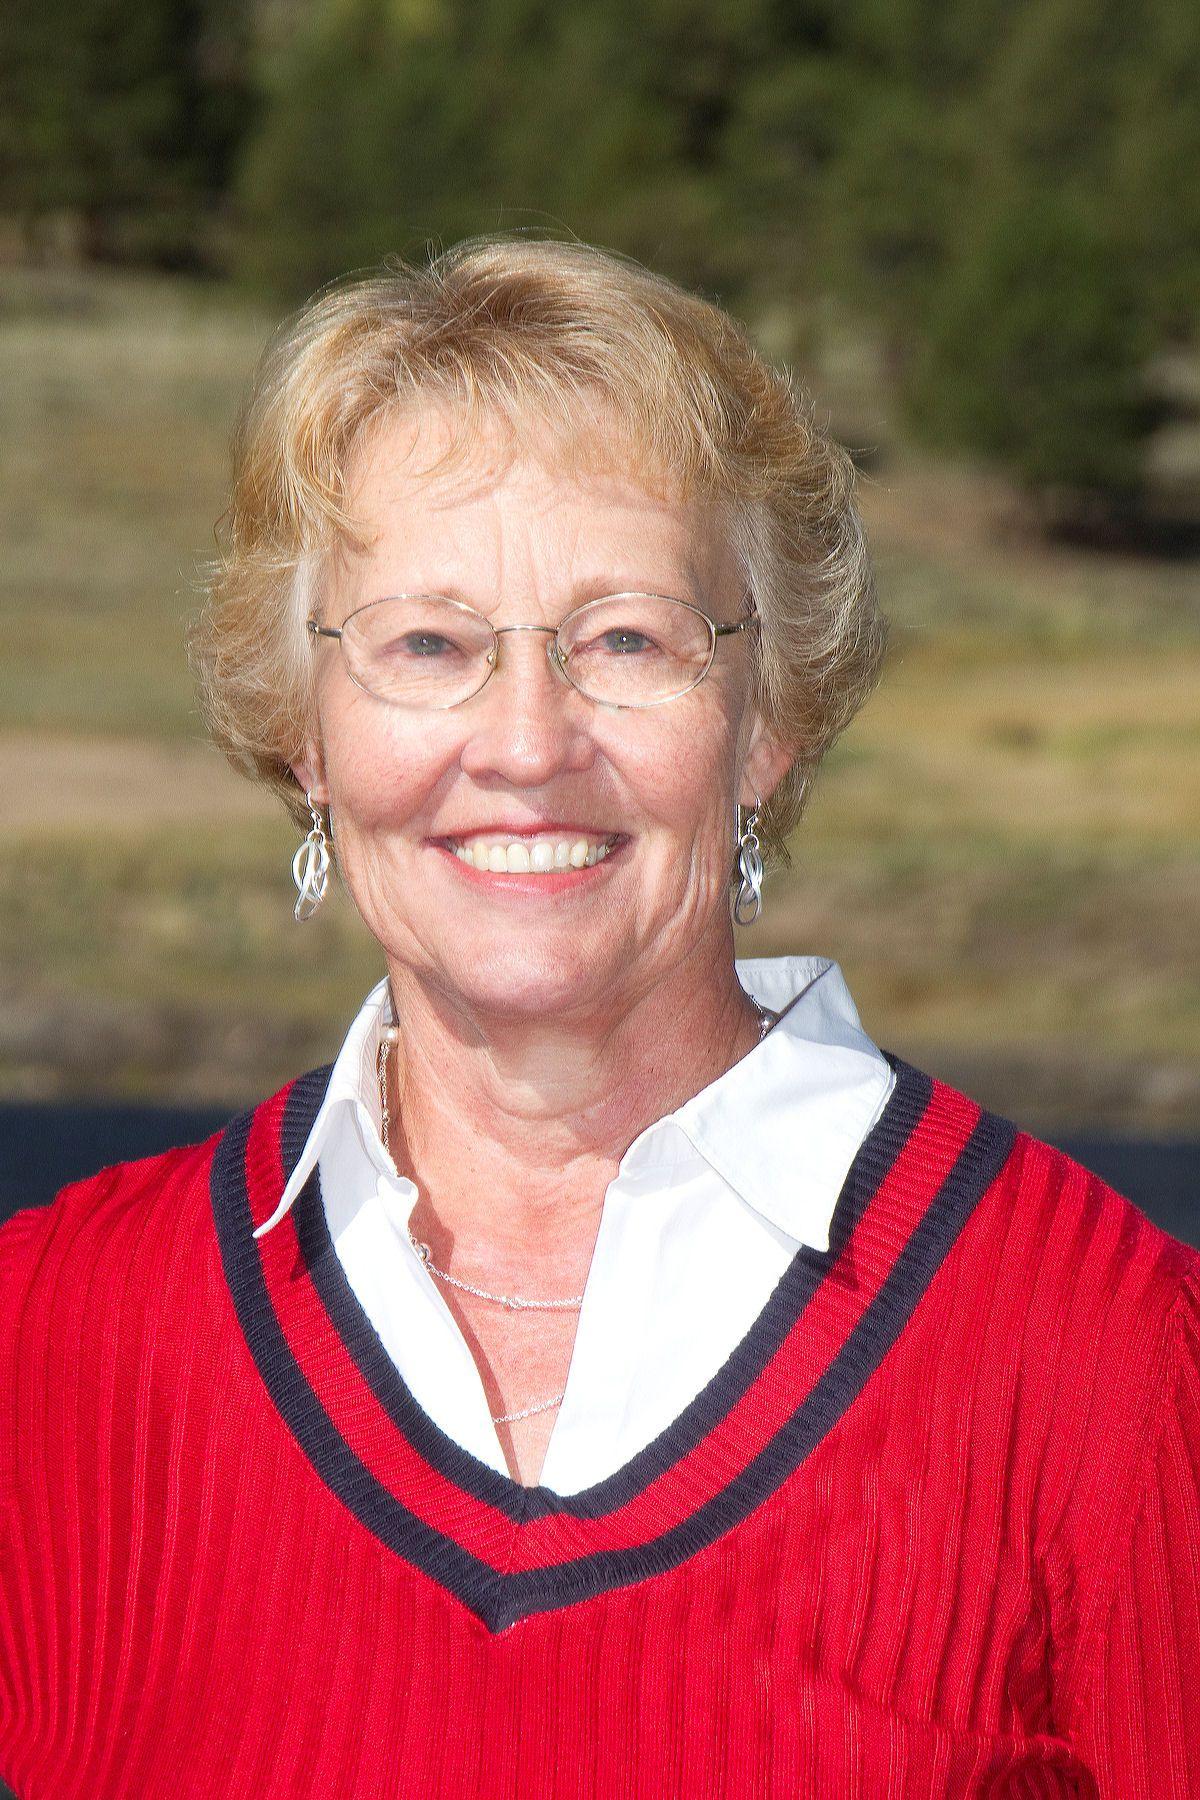 Image of Nancy Hollen Realtor with First Colorado Land Office in Salida Colorado